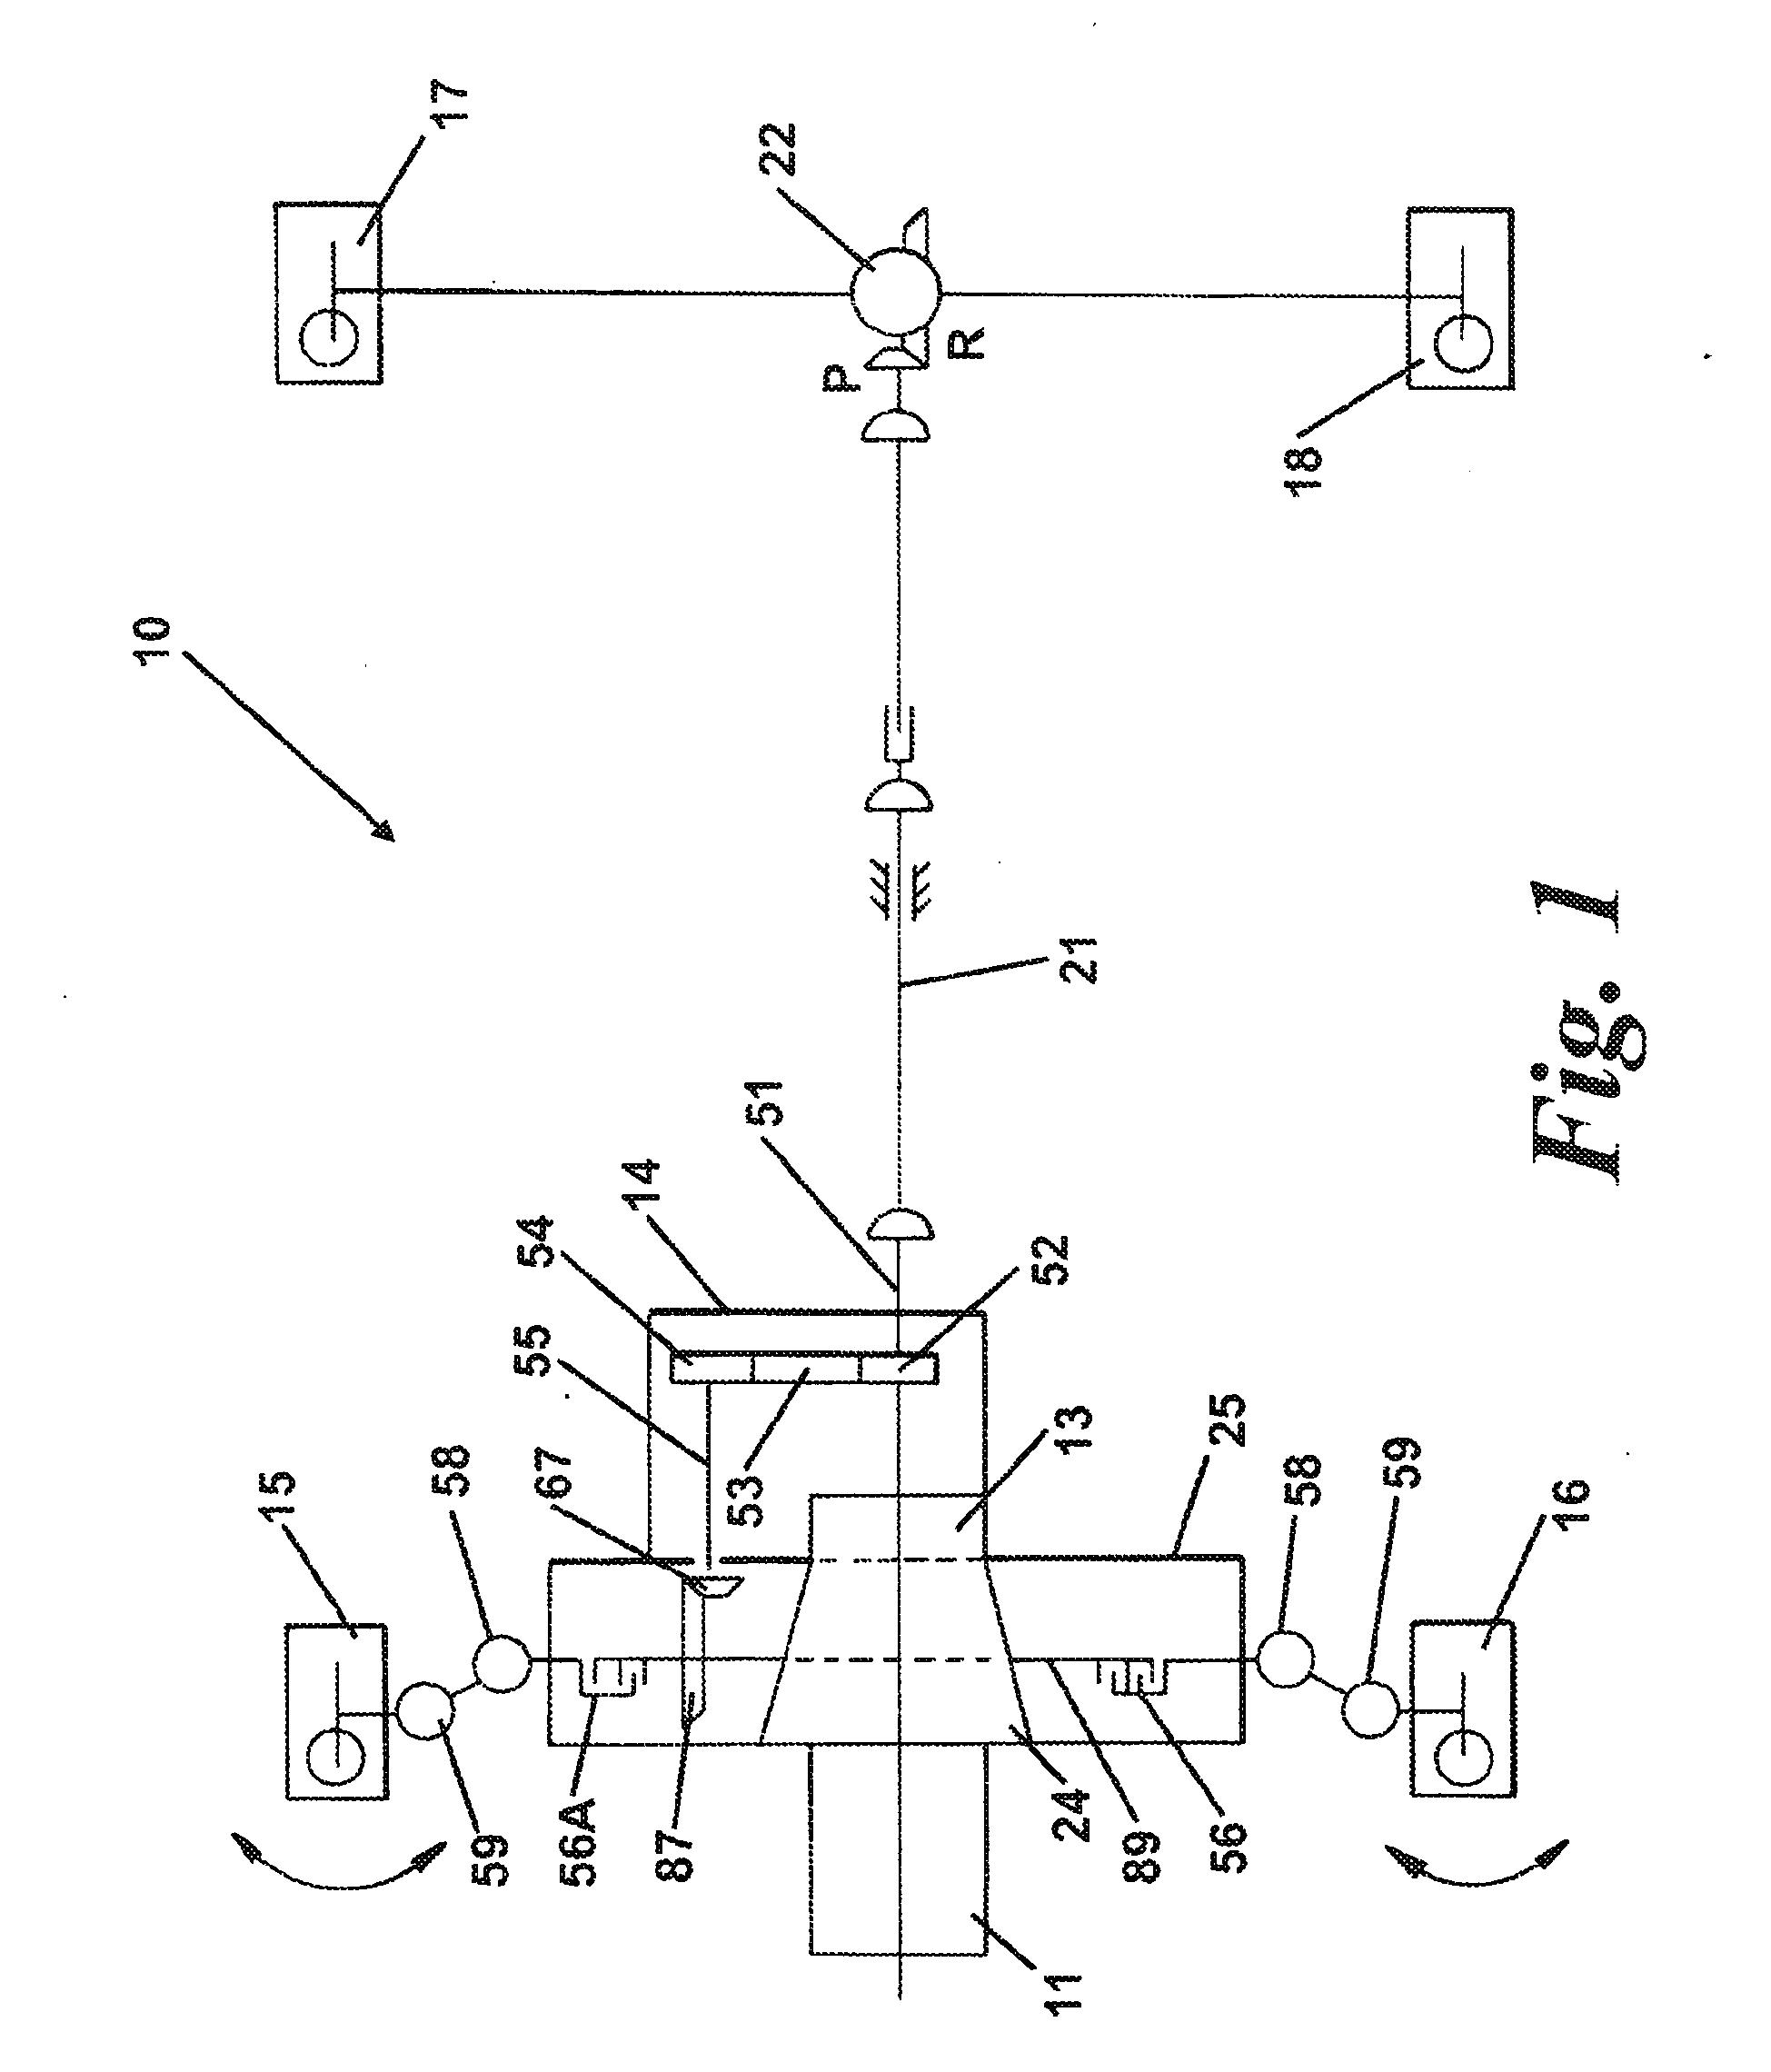 专利ep1956260b1 - a hydraulically